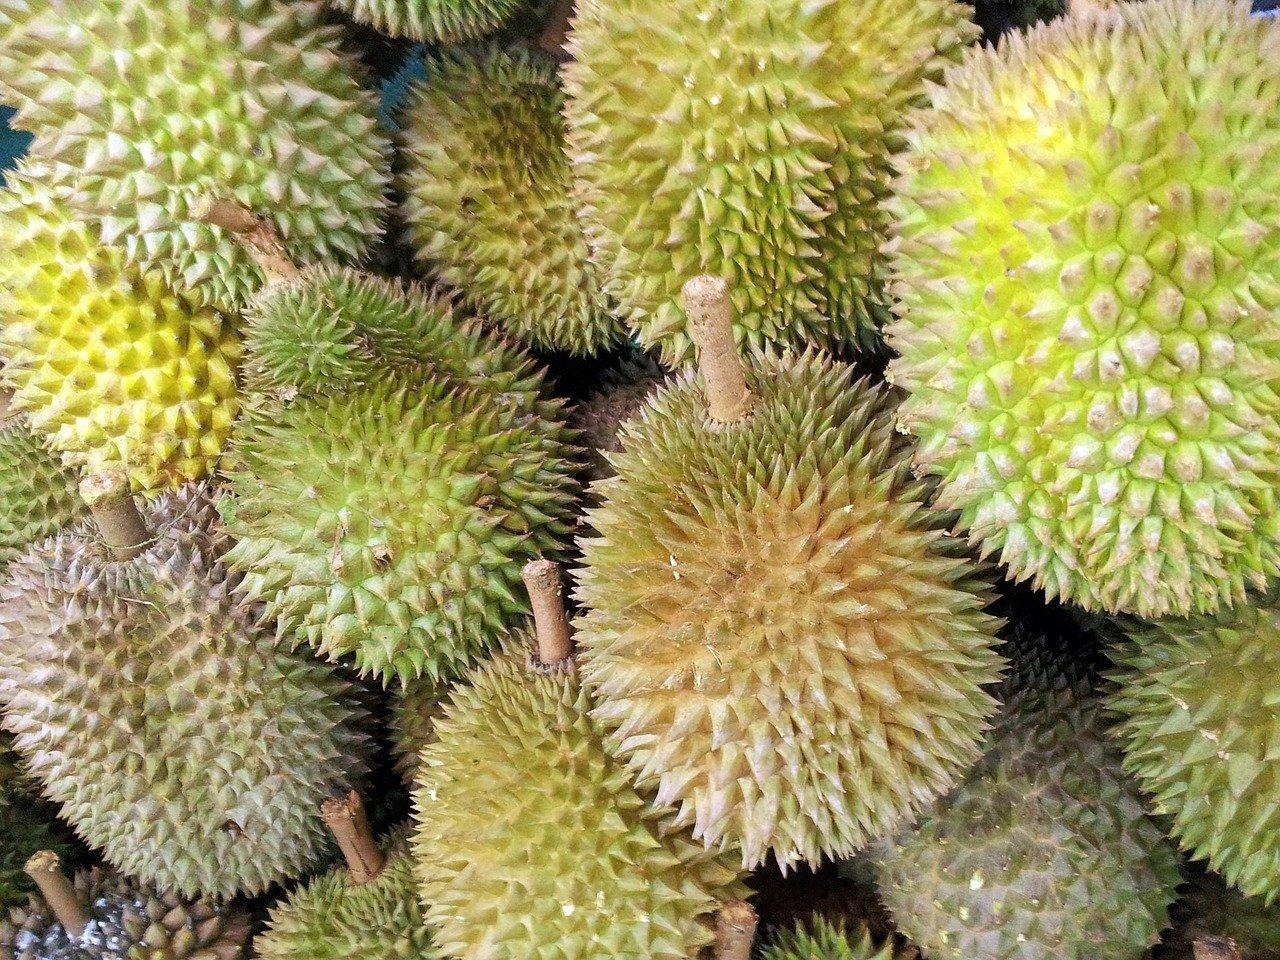 Kandungan Zat Buah Durian dan Dampaknya Bagi Tubuh